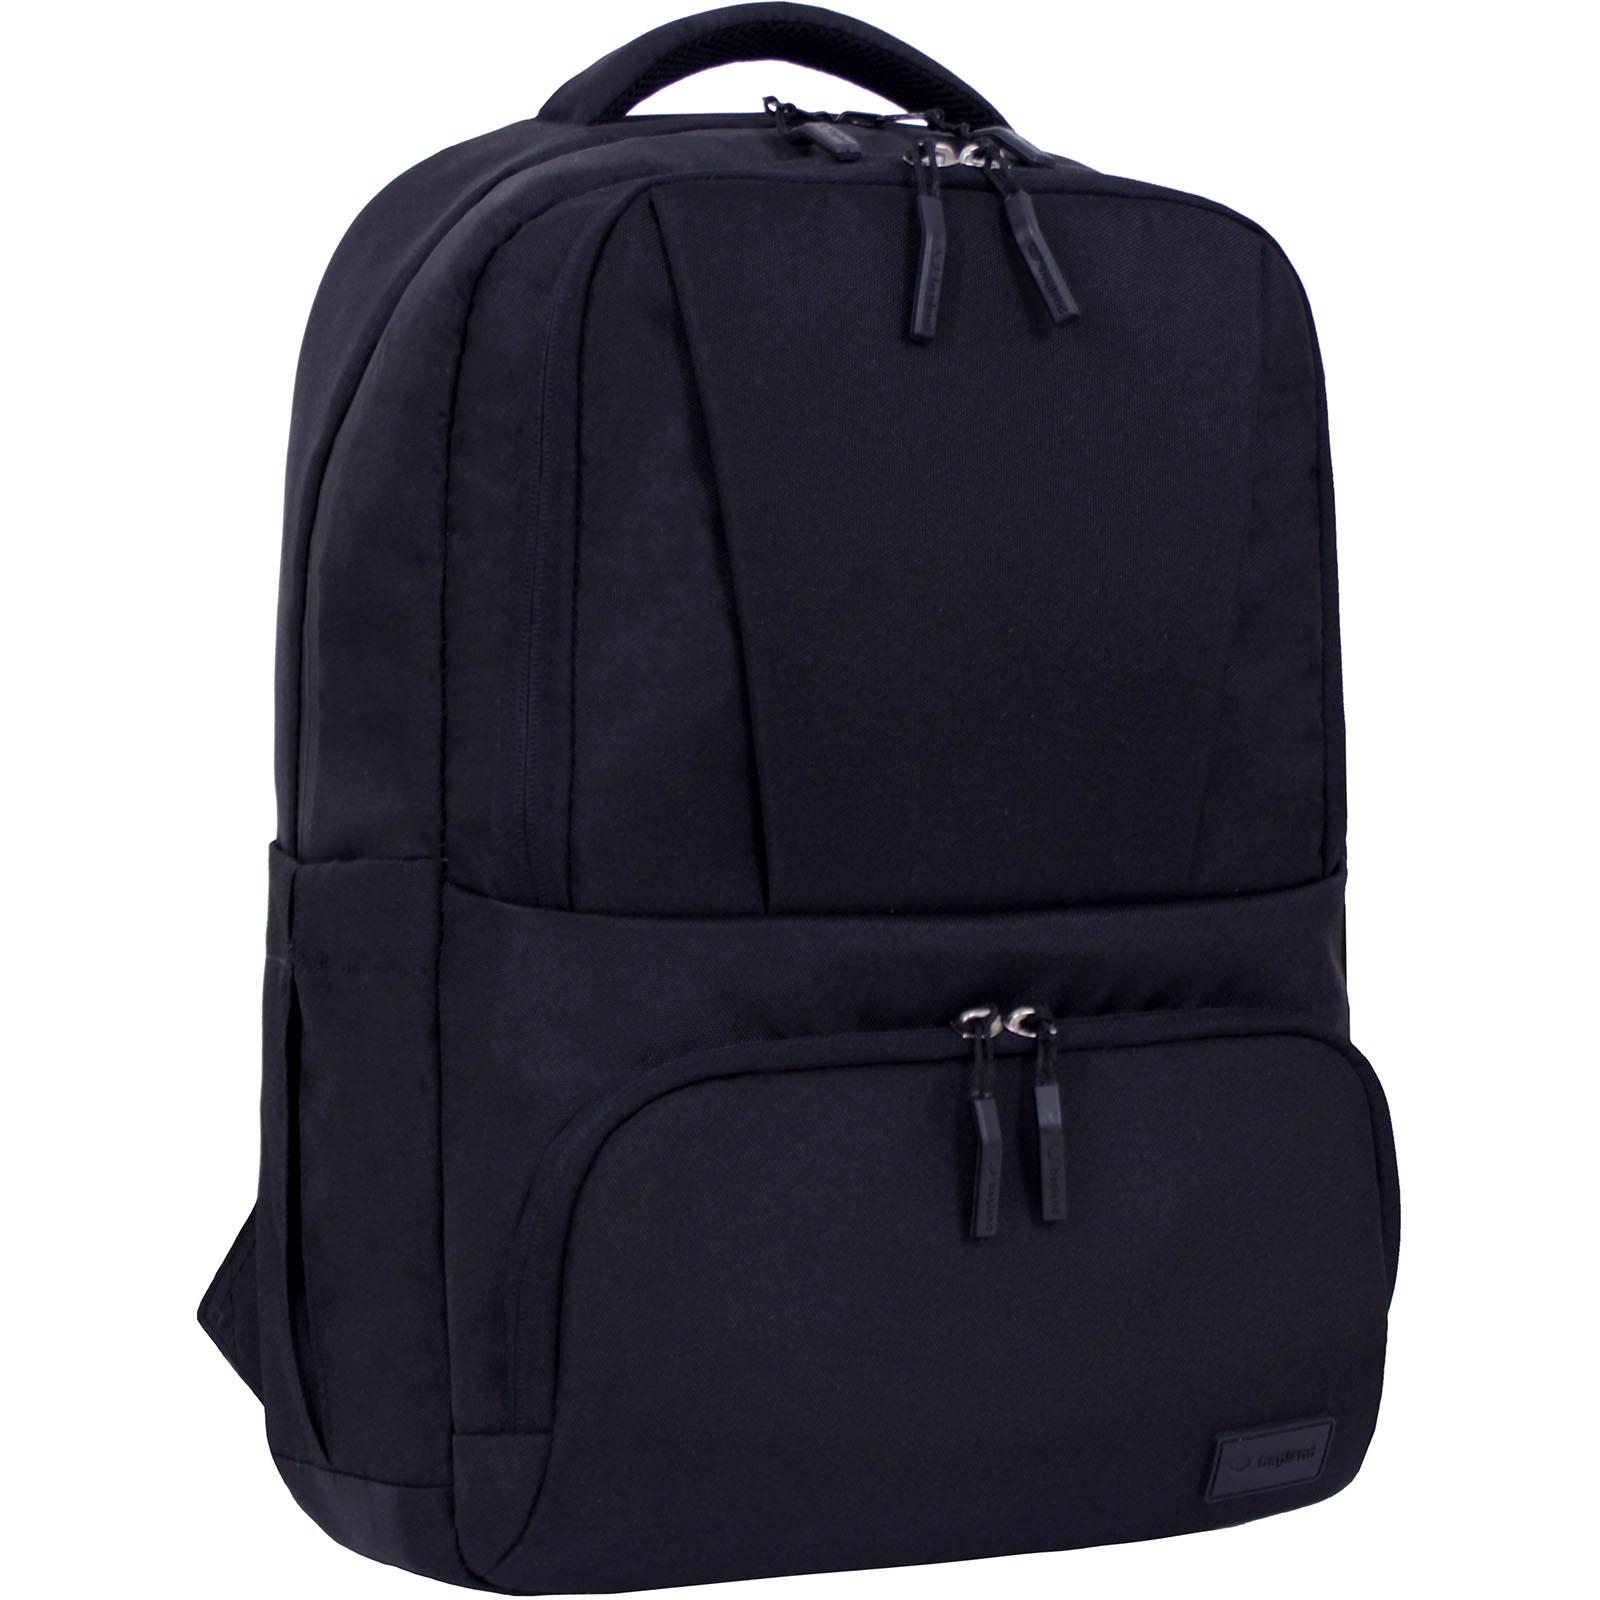 Мужские рюкзаки Рюкзак для ноутбука Bagland STARK черный (0014366) IMG_2100.JPG